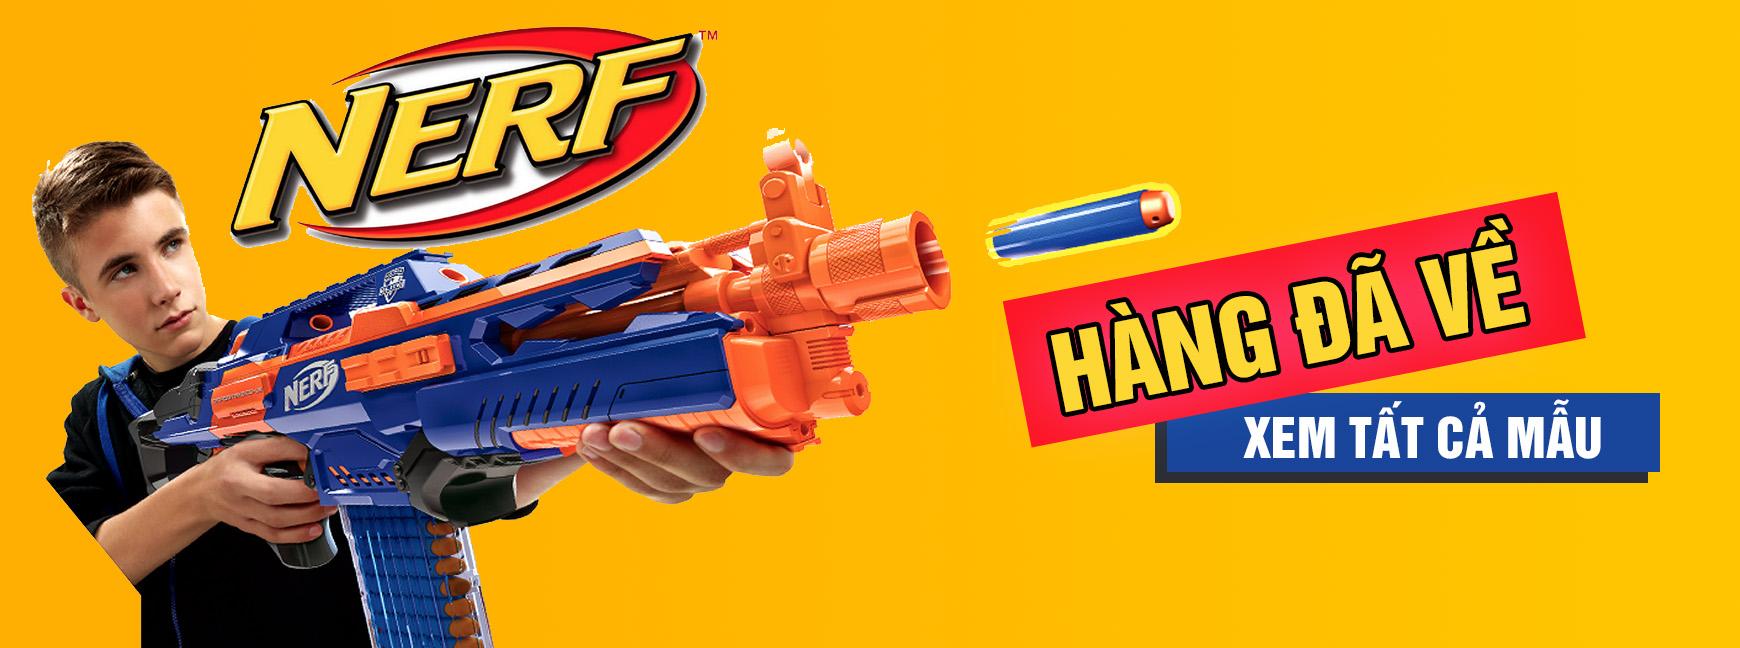 Đồ chơi trẻ em súng bán đạn mềm